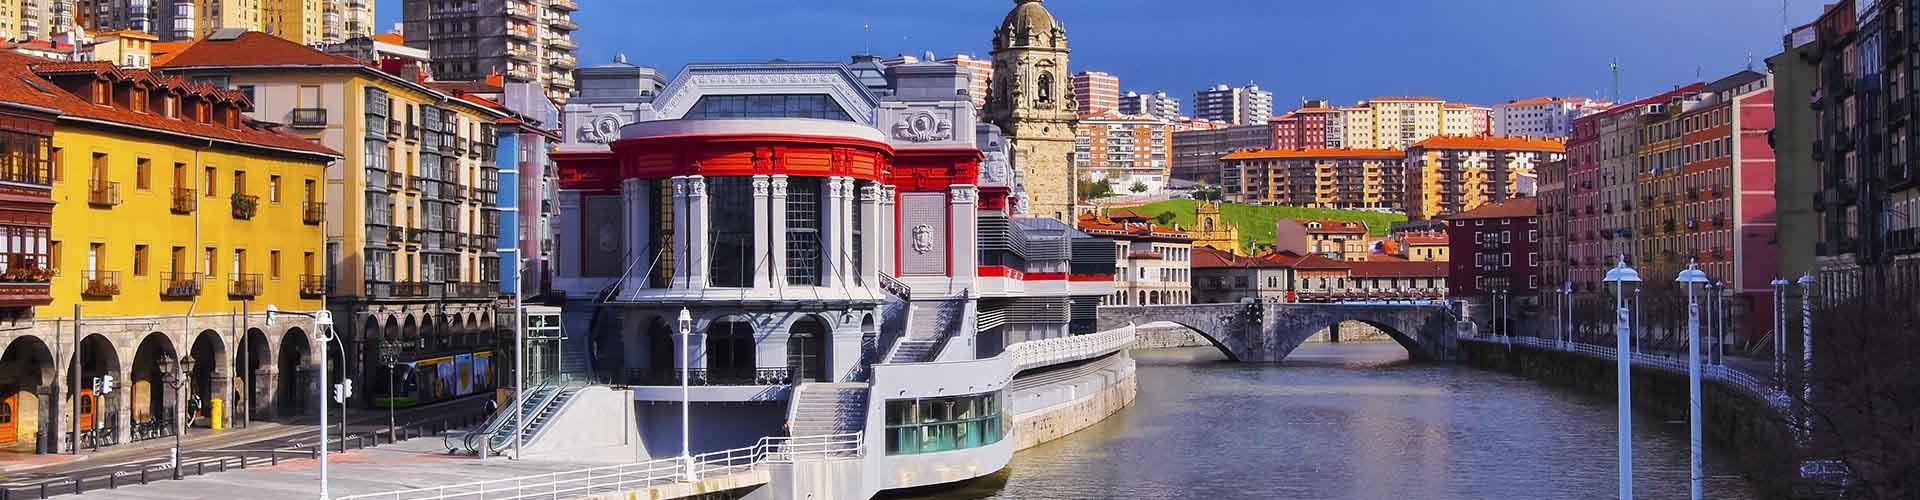 Bilbao - Hostales en el distrito San Francisco. Mapas de Bilbao, Fotos y comentarios de cada Hostal en Bilbao.